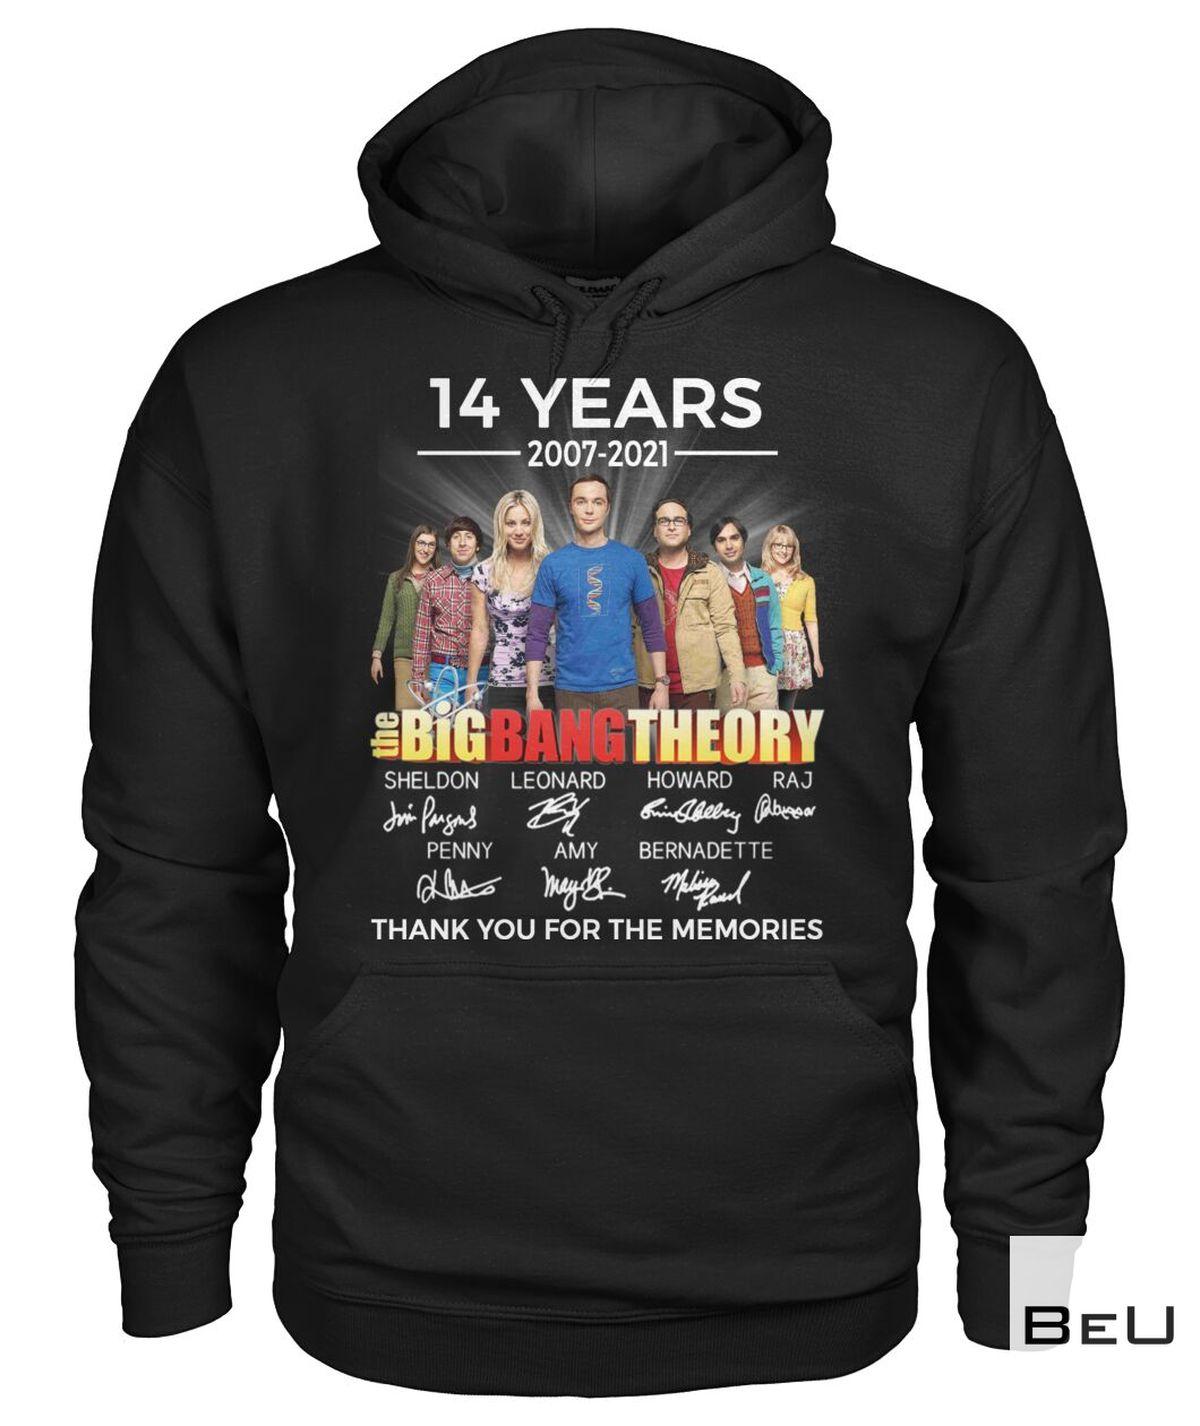 Fantastic The Big Bang Theory 14 Years 2007 2021 Shirt, hoodie, tank top